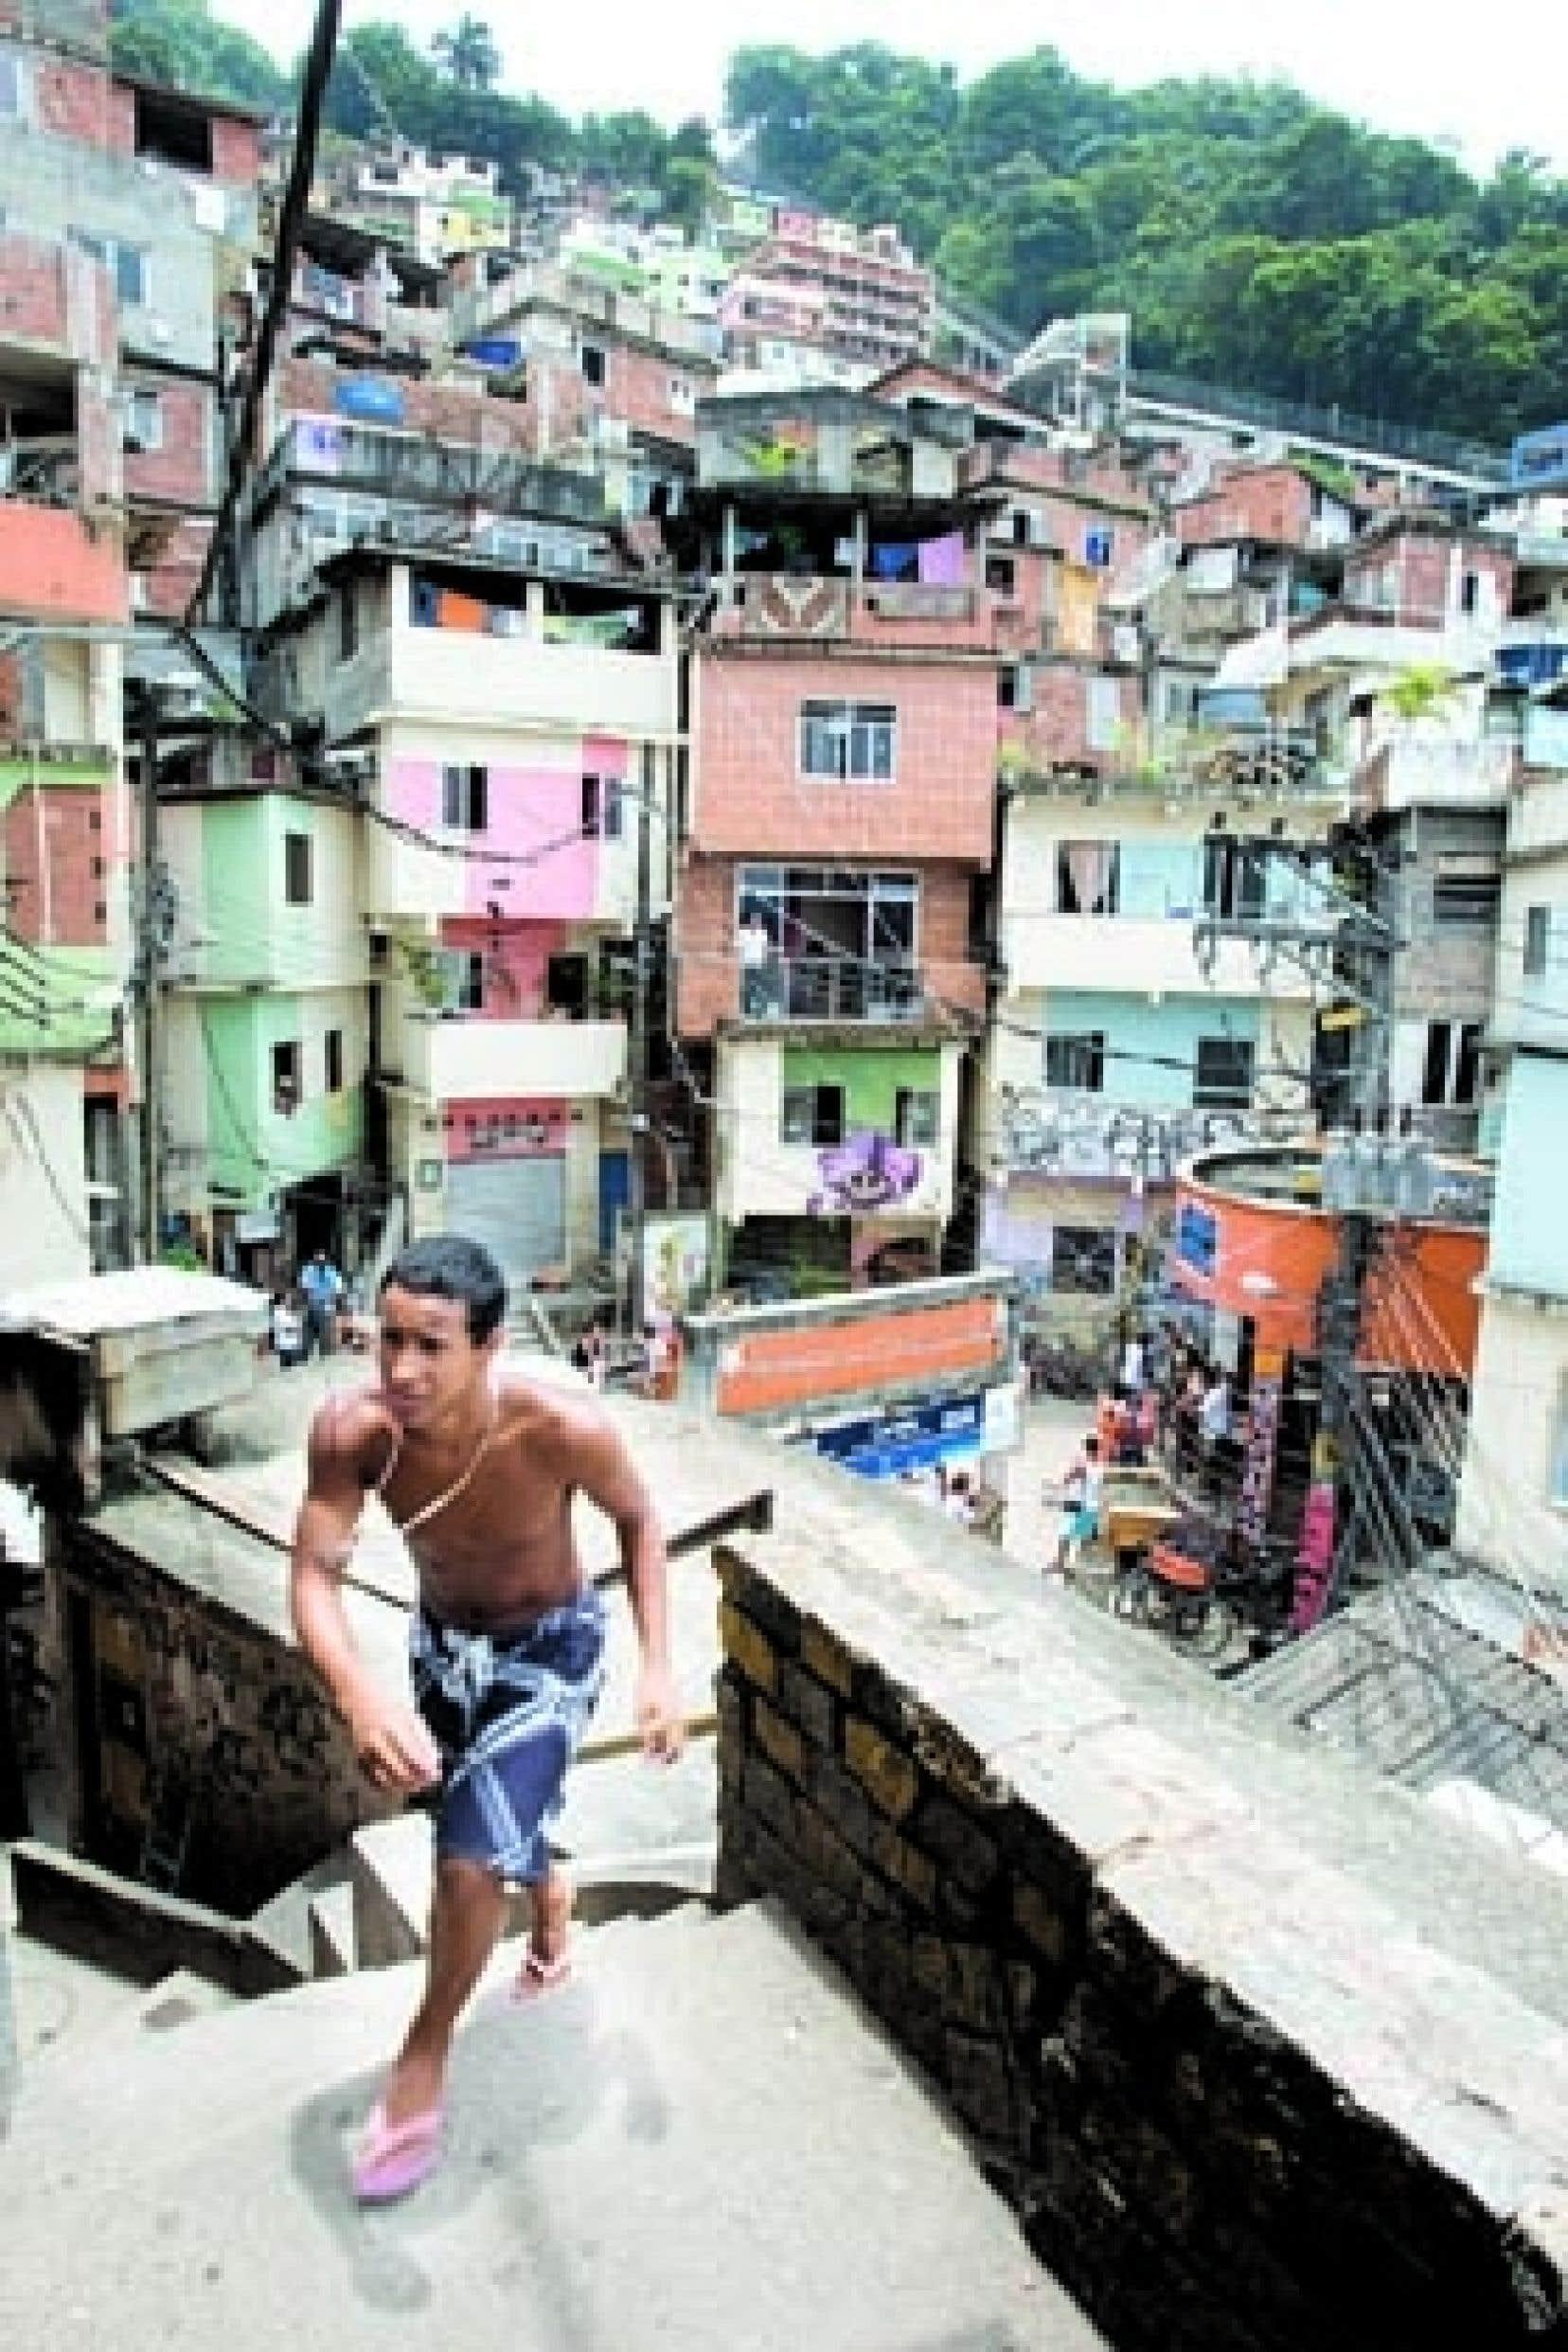 Le gouverneur Sérgio Cabral veut rétablir l'ordre urbain en érigeant un mur de trois mètres de haut autour de 13 favelas, dont la Dona Marta.